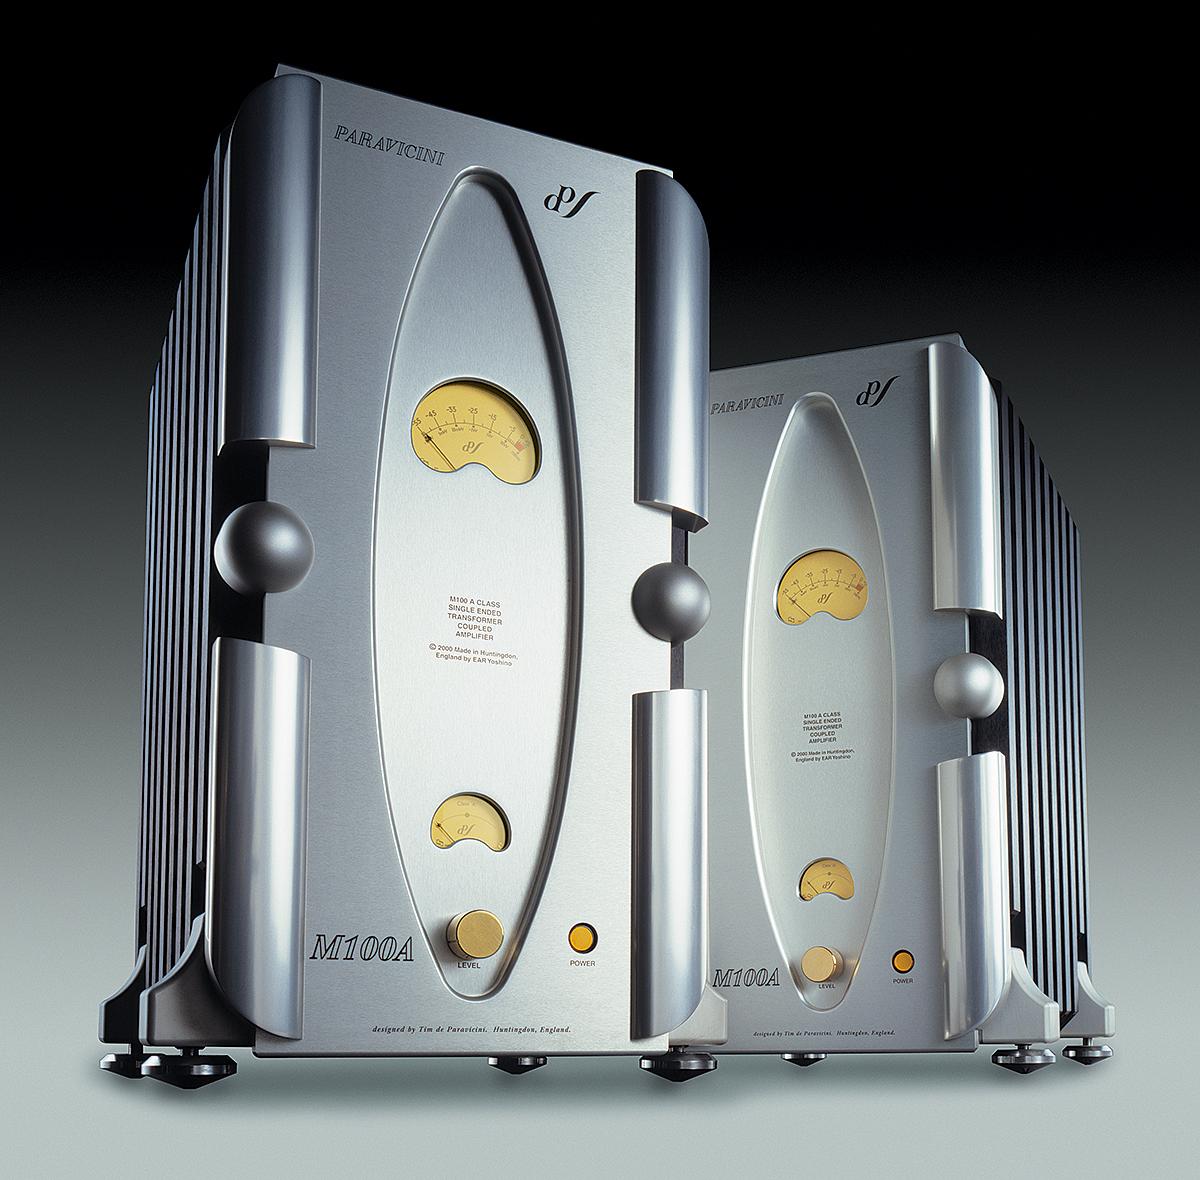 EAR-M100A-Monoblock-Class-A-Amplifier-EAR-USA.png